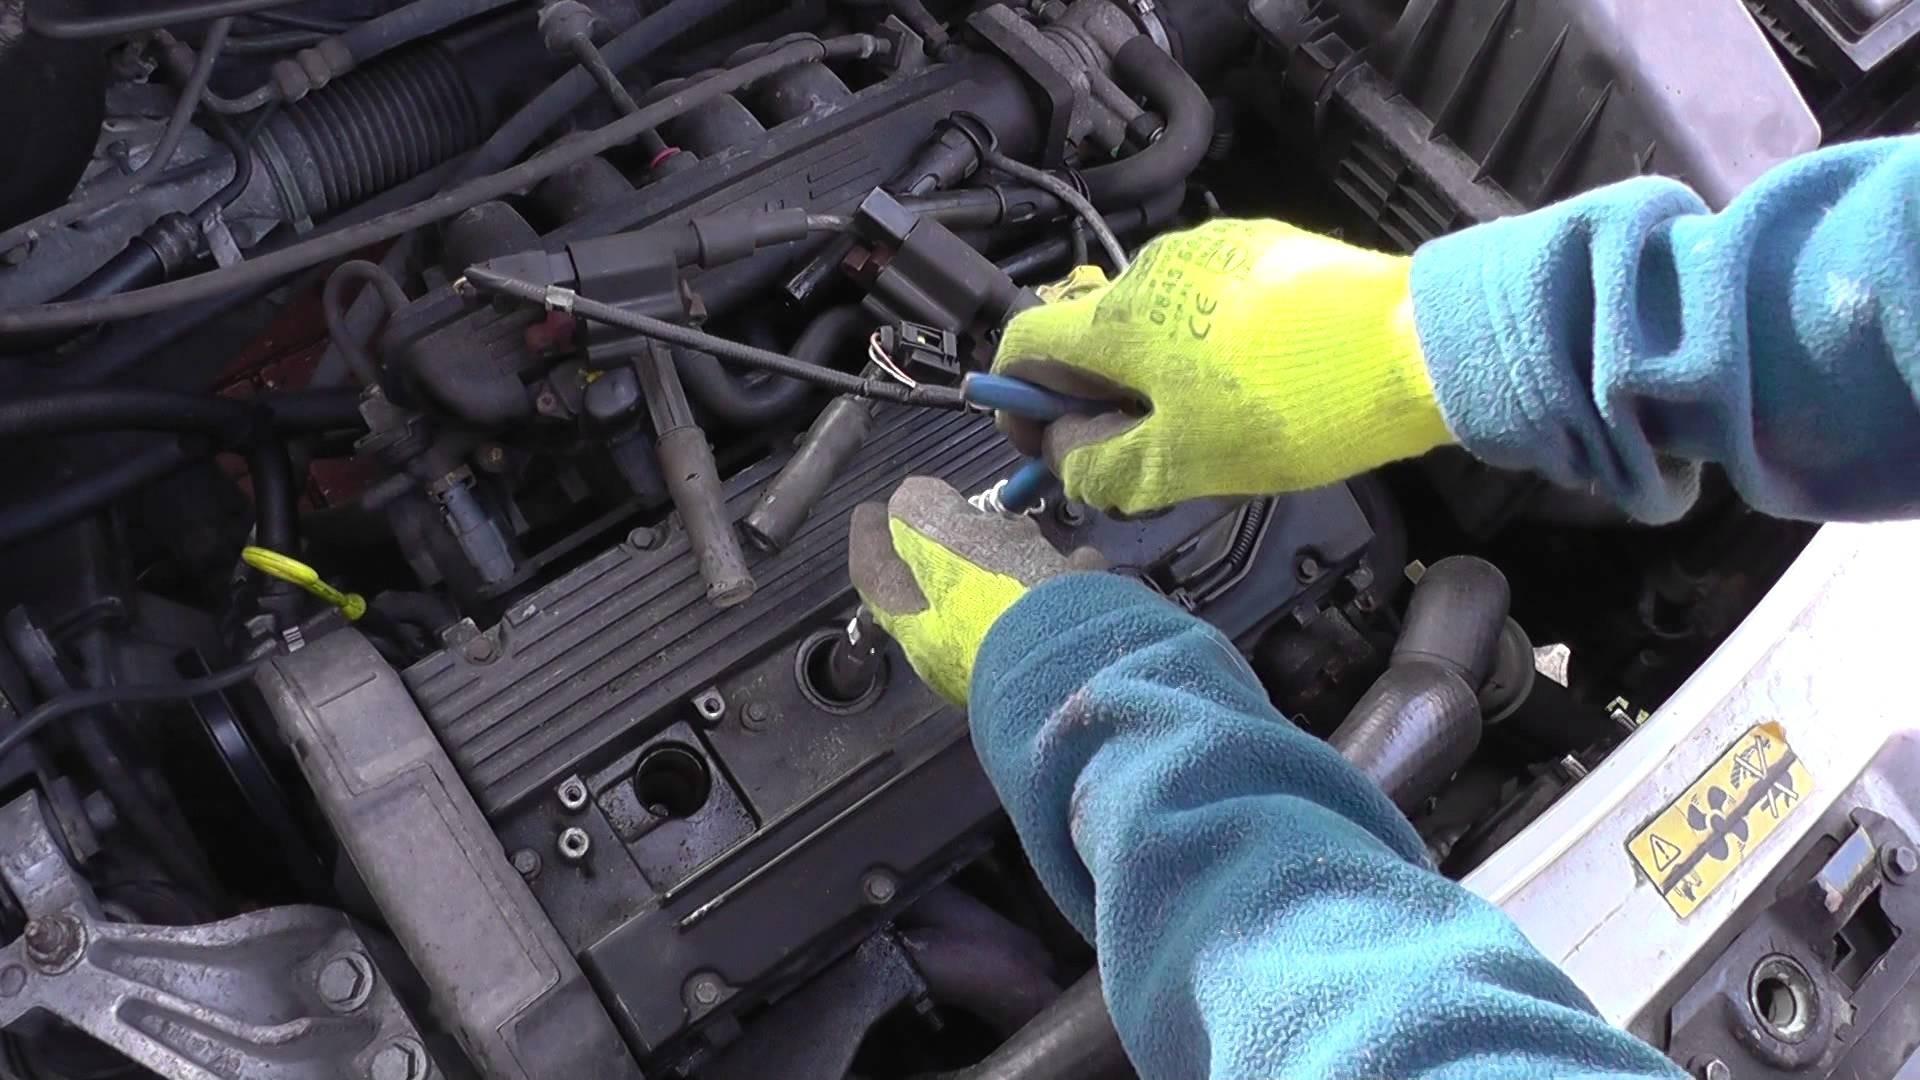 2002 Land Rover Freelander Engine Diagram Land Rover Freelander 1 Spark Plug & Ignition Coil Pack Removal Of 2002 Land Rover Freelander Engine Diagram